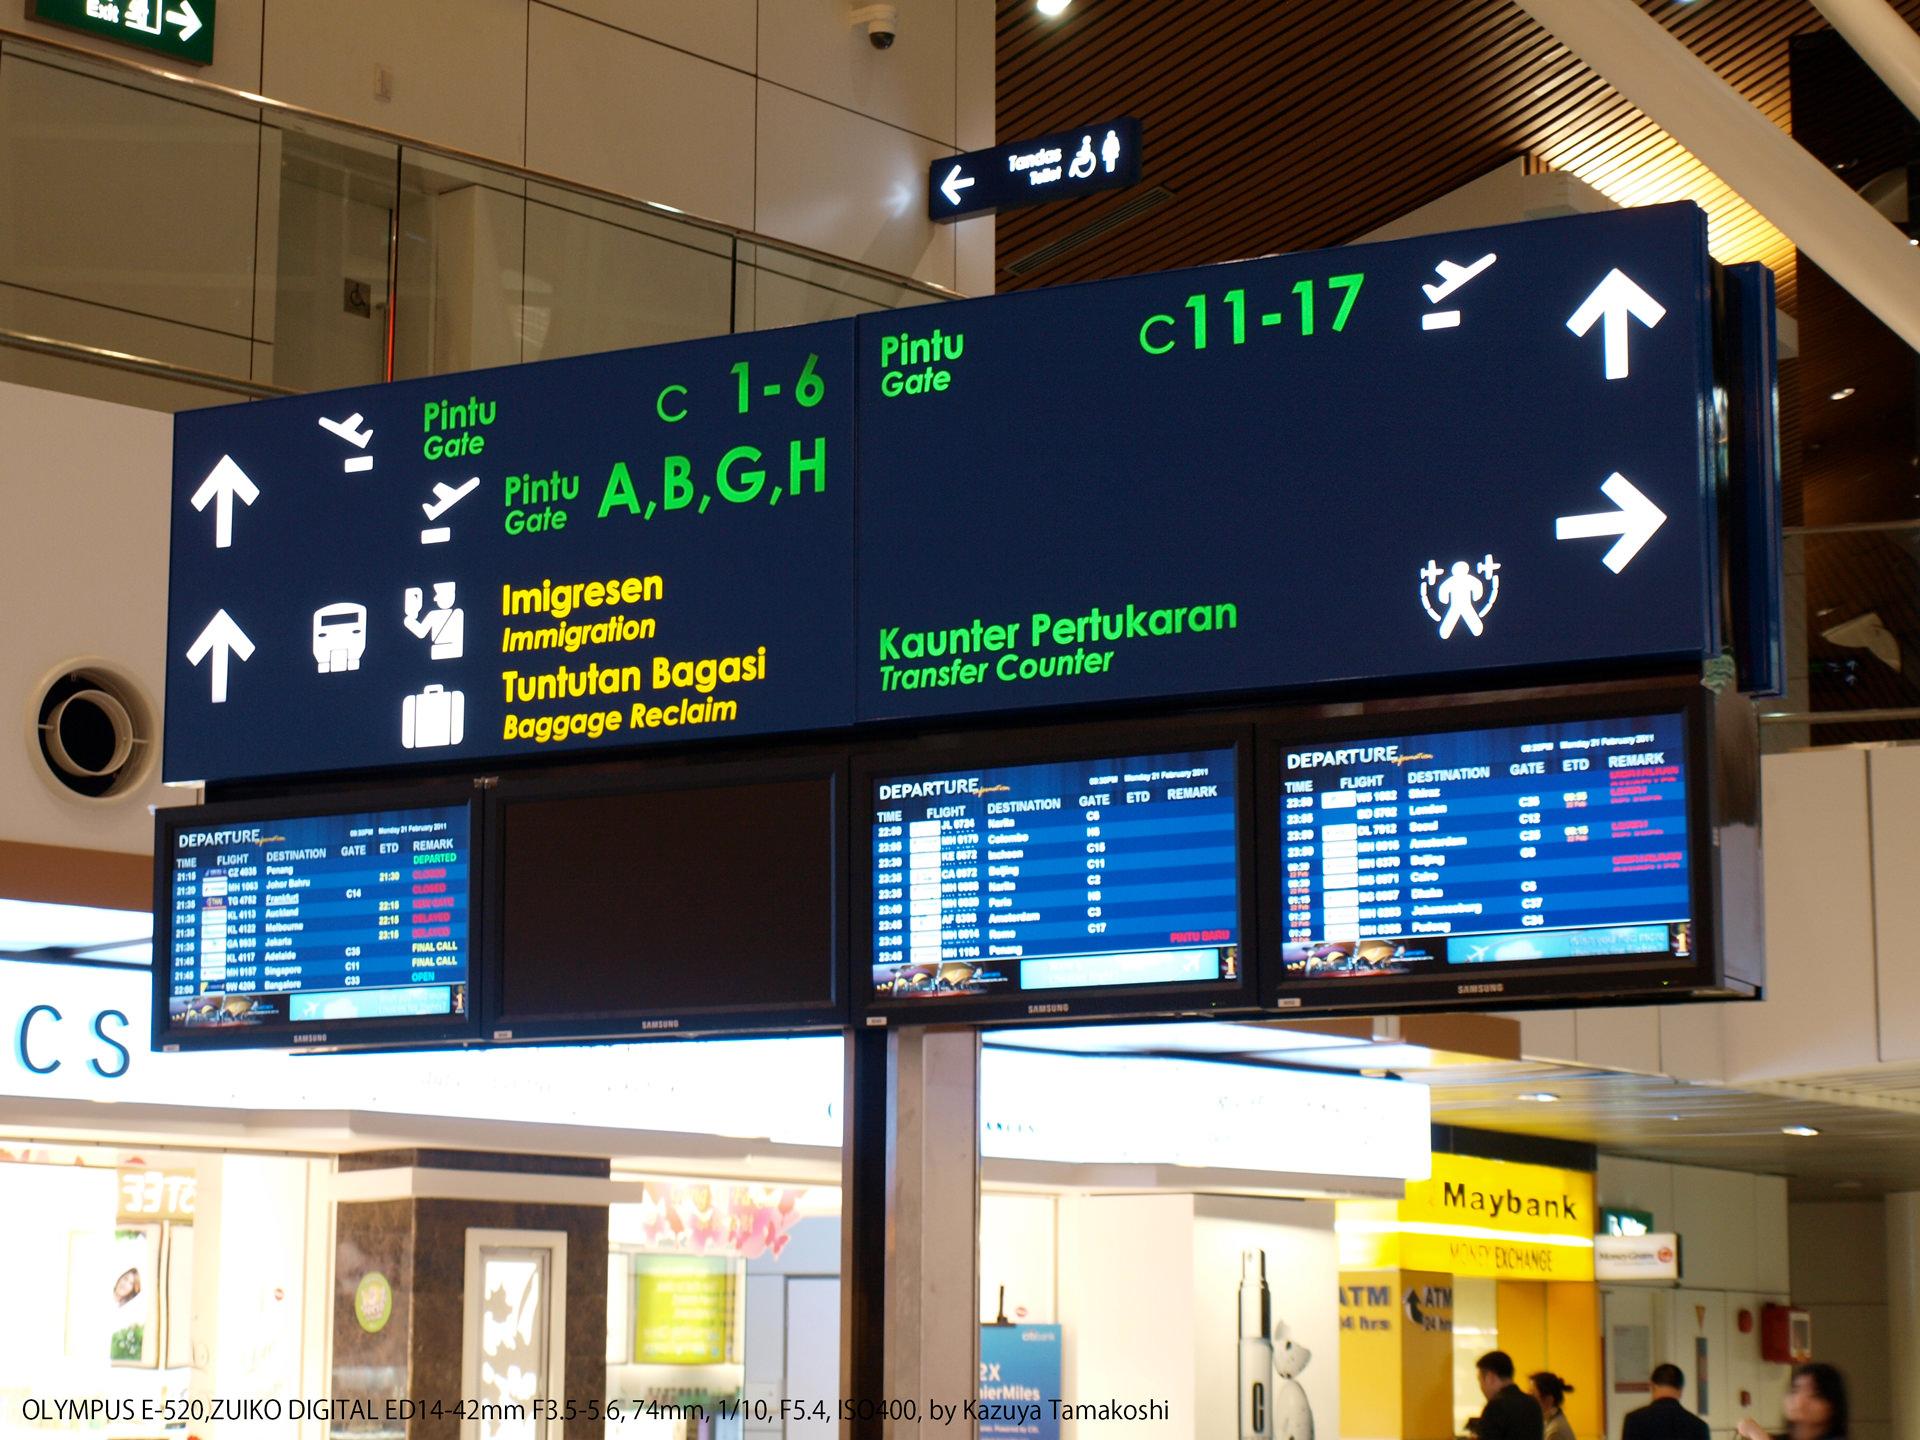 クアラルンプール空港の掲示板(オートモードのサンプル)